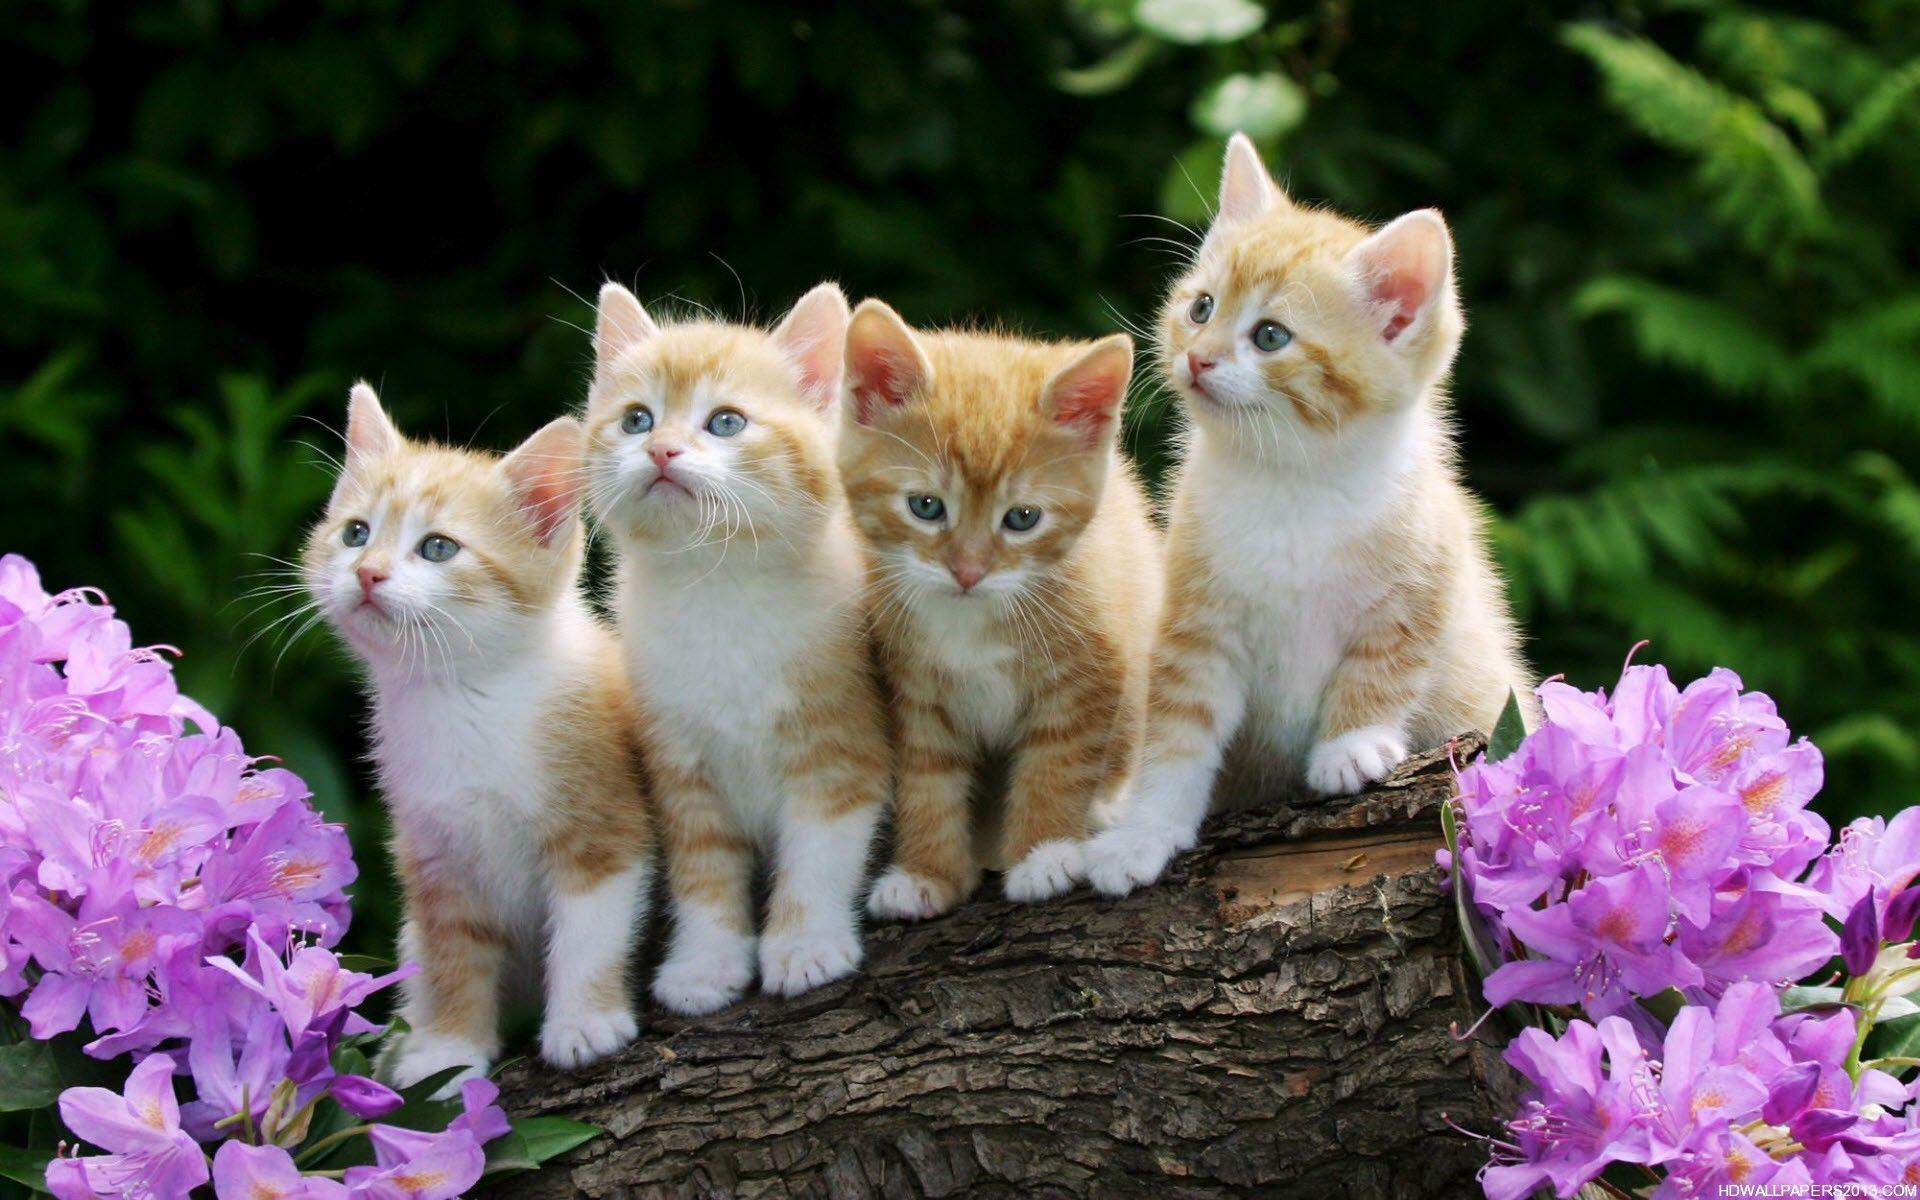 Free Cute Kitten Wallpapers In 2020 Kittens Cutest Kitten Wallpaper Kitten Pictures